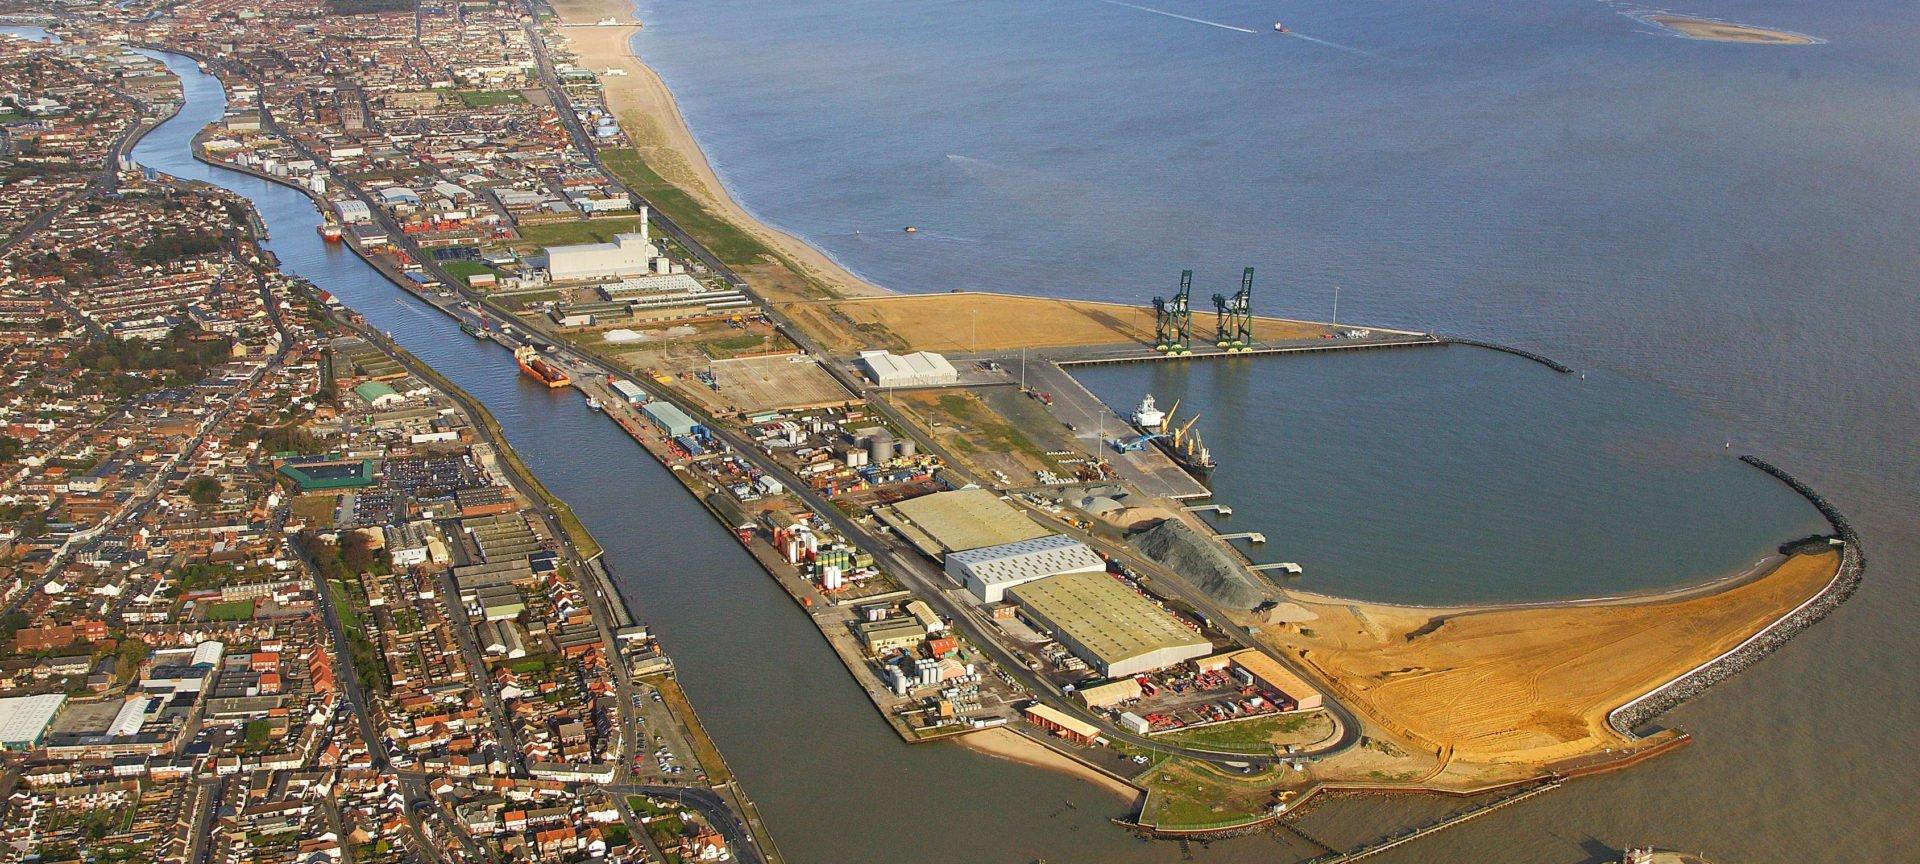 AUMUND Group Ports & Terminals